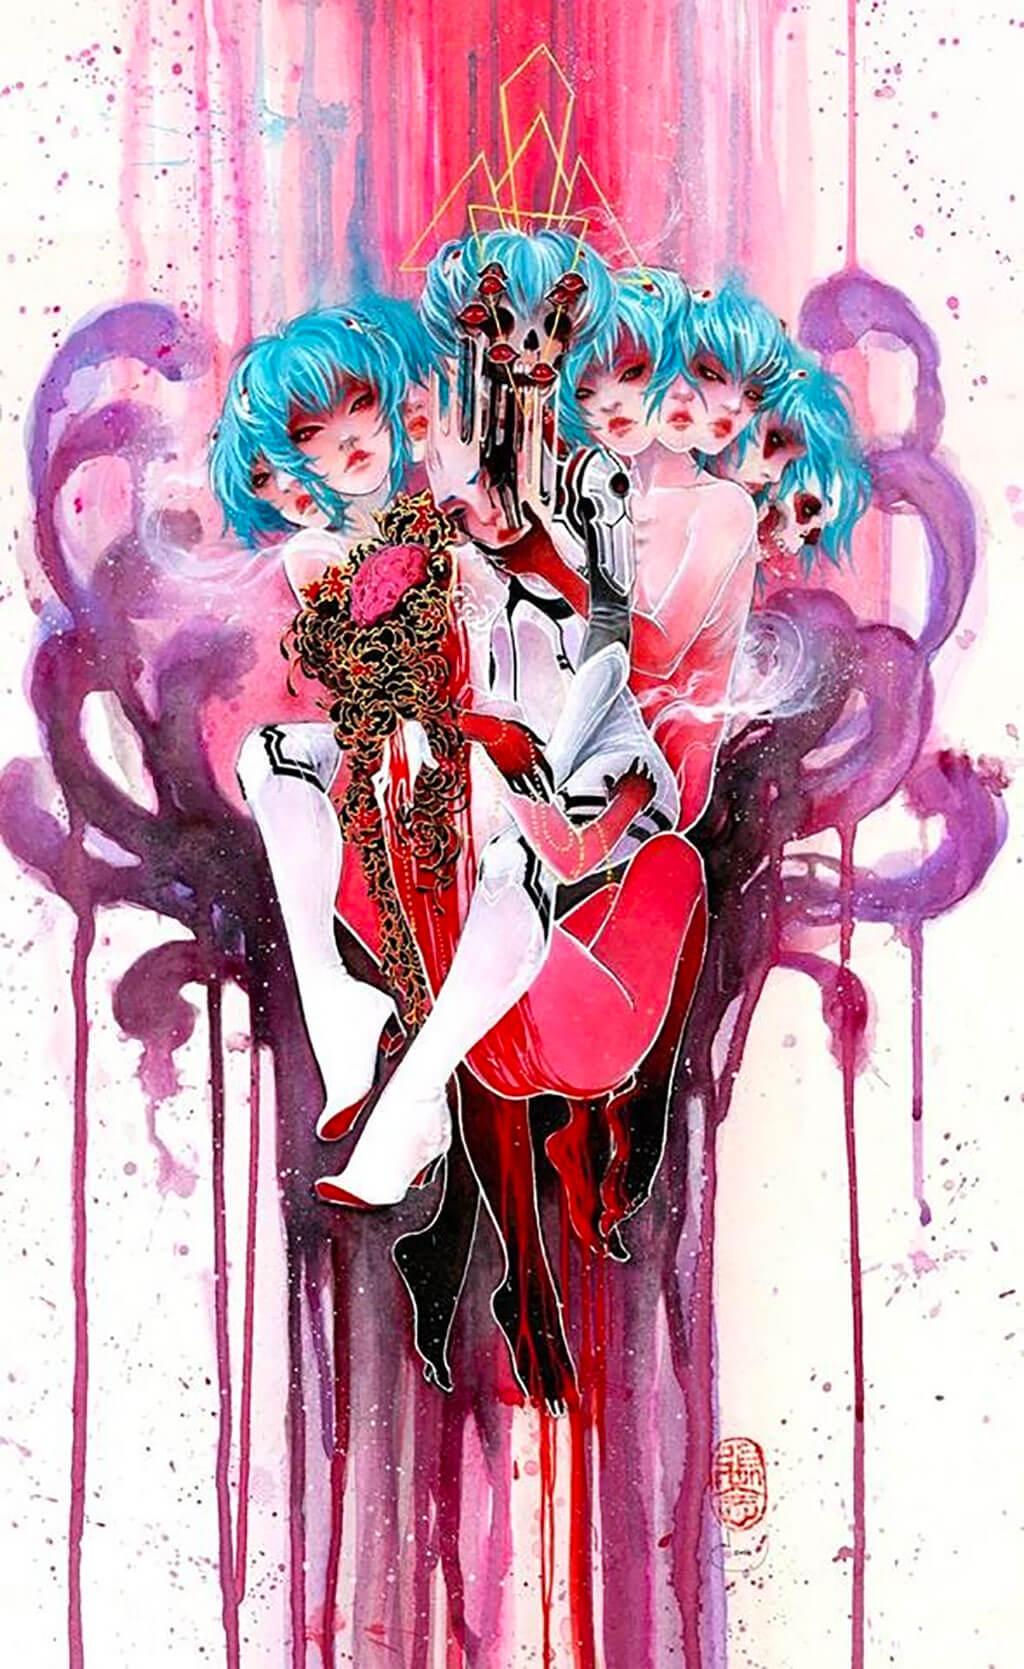 Evangelion Fan Art by Nen Chang